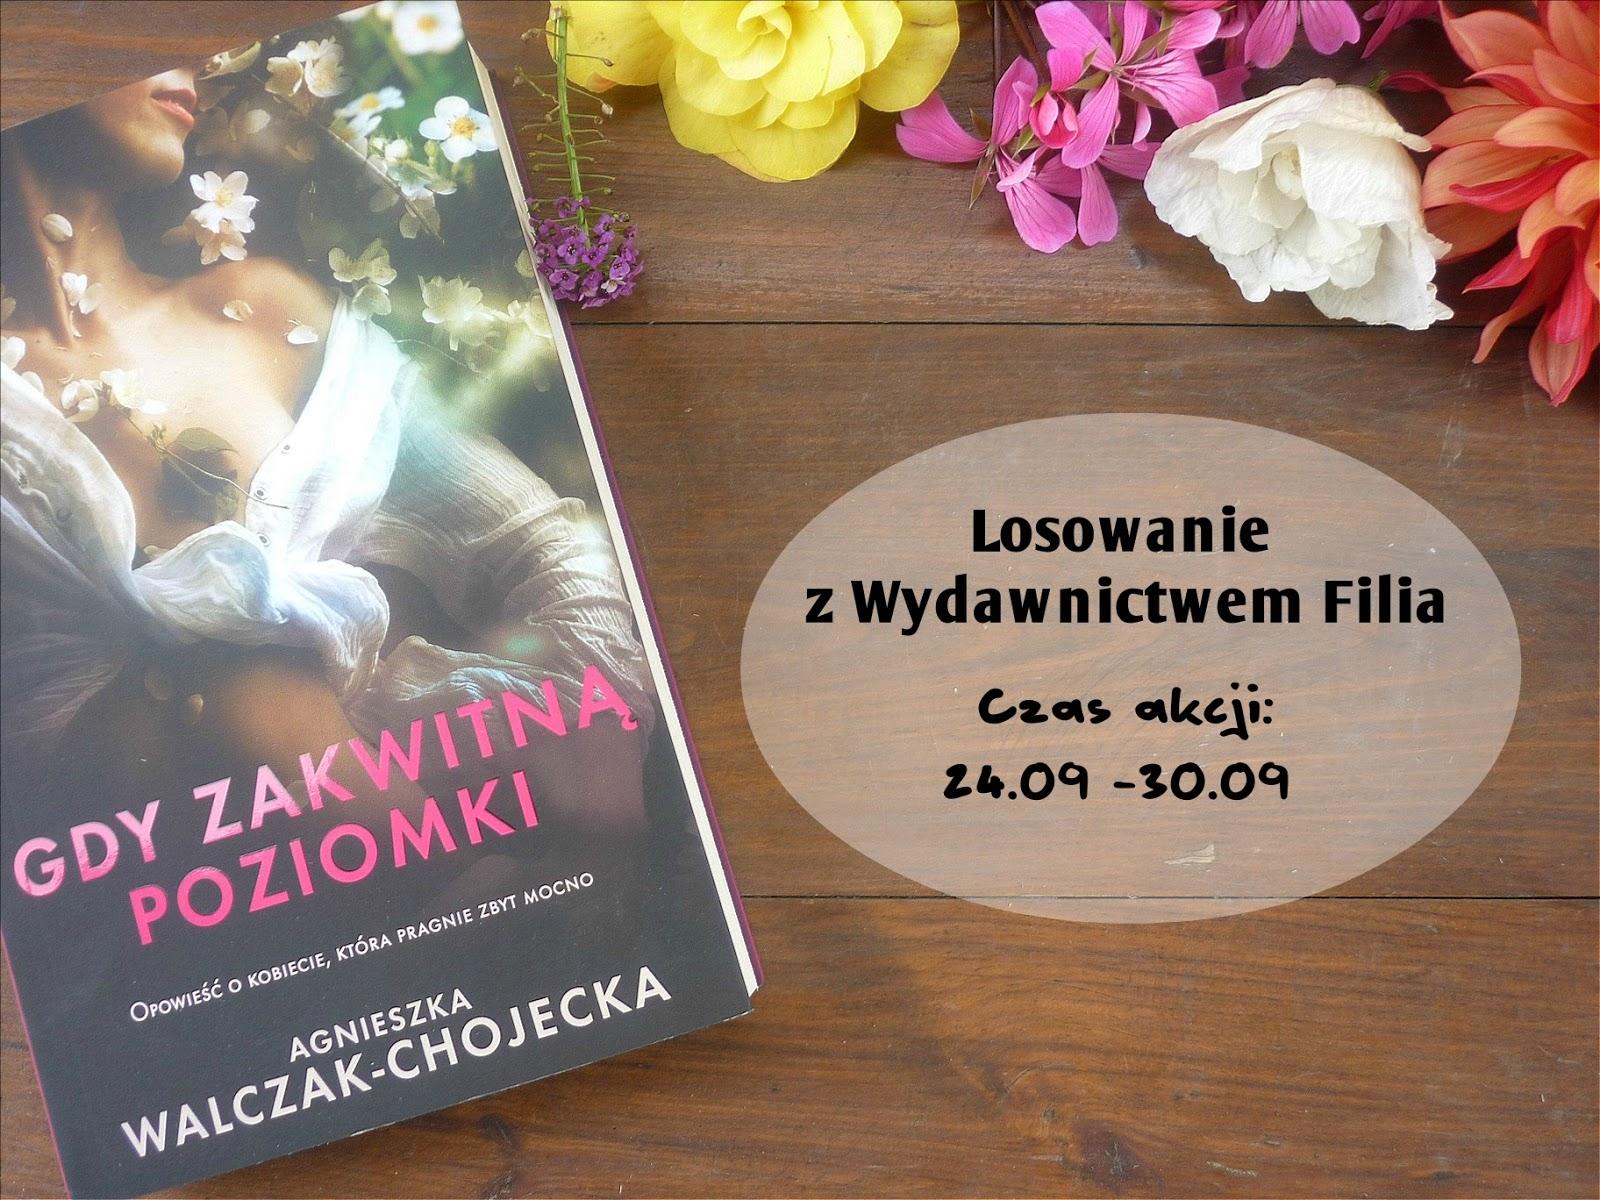 http://zapachyksiazki.blogspot.com/2014/09/ksiazka-dla-was-czyli-mae-rozdanie-z.html?utm_source=feedburner&utm_medium=feed&utm_campaign=Feed%3A+KsikiWinoIJa+%28Ksi%C4%85%C5%BCki%2C+wino+i+ja%29